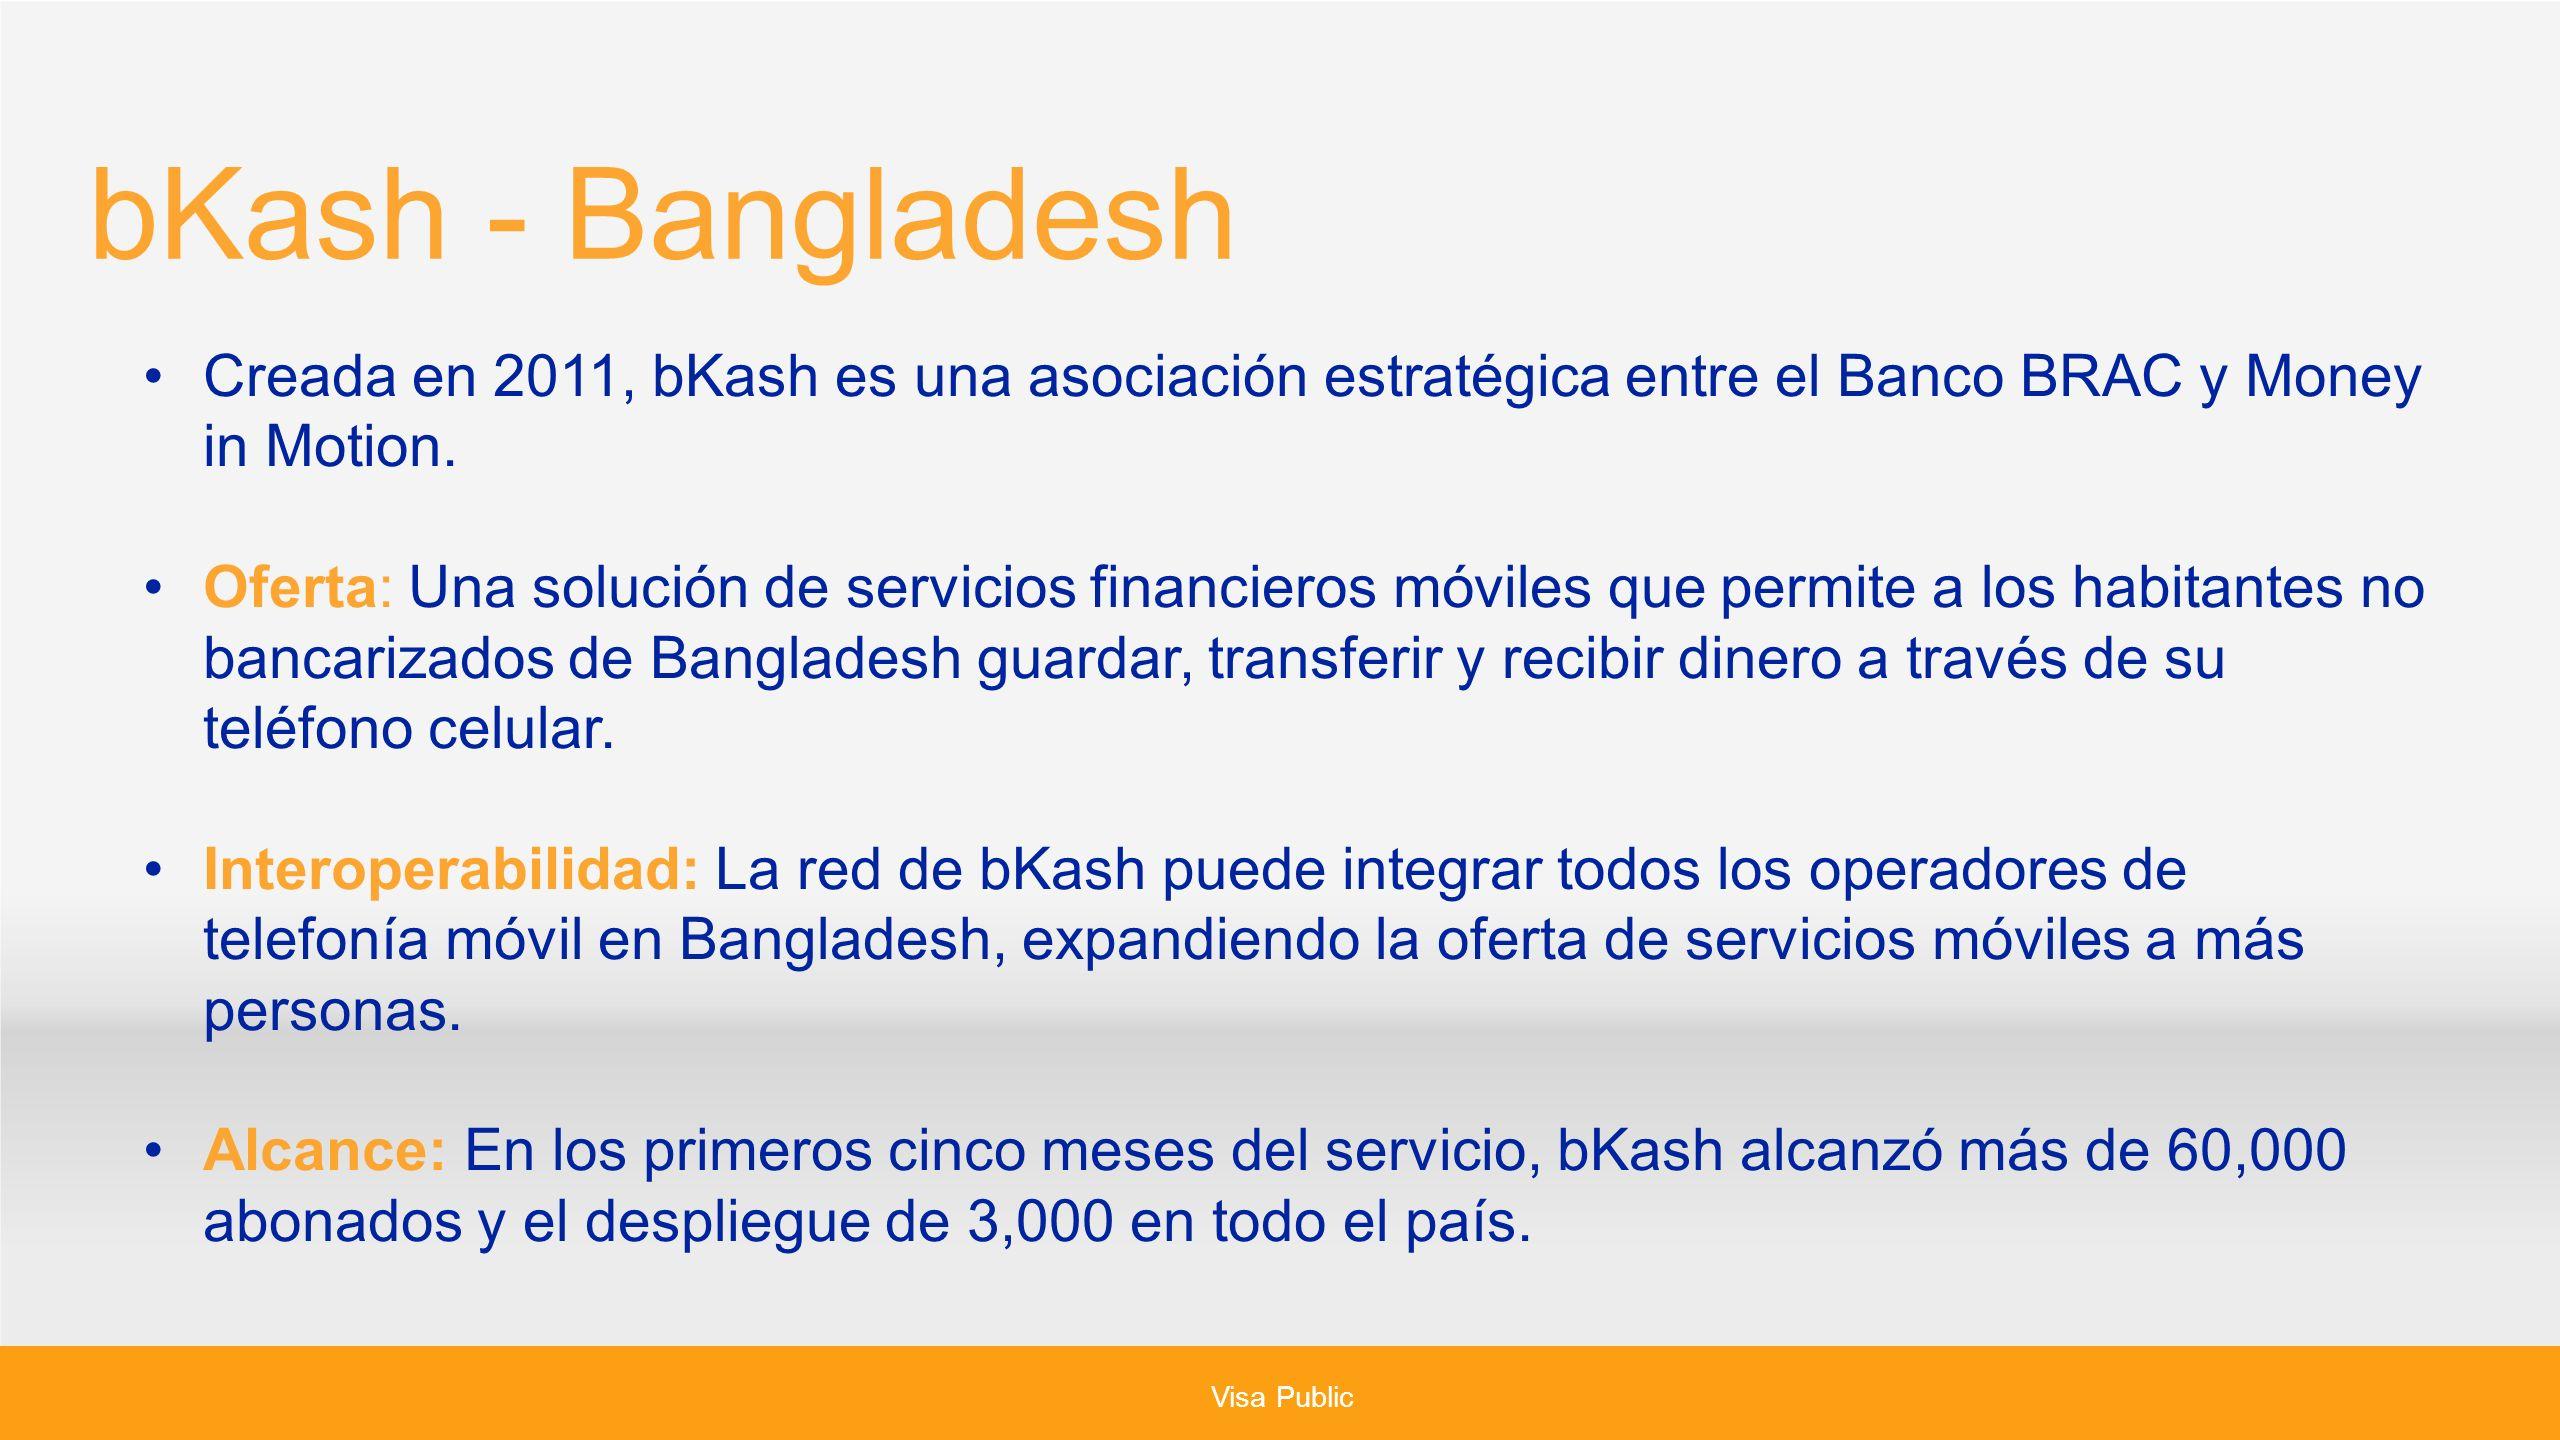 bKash - Bangladesh Creada en 2011, bKash es una asociación estratégica entre el Banco BRAC y Money in Motion.